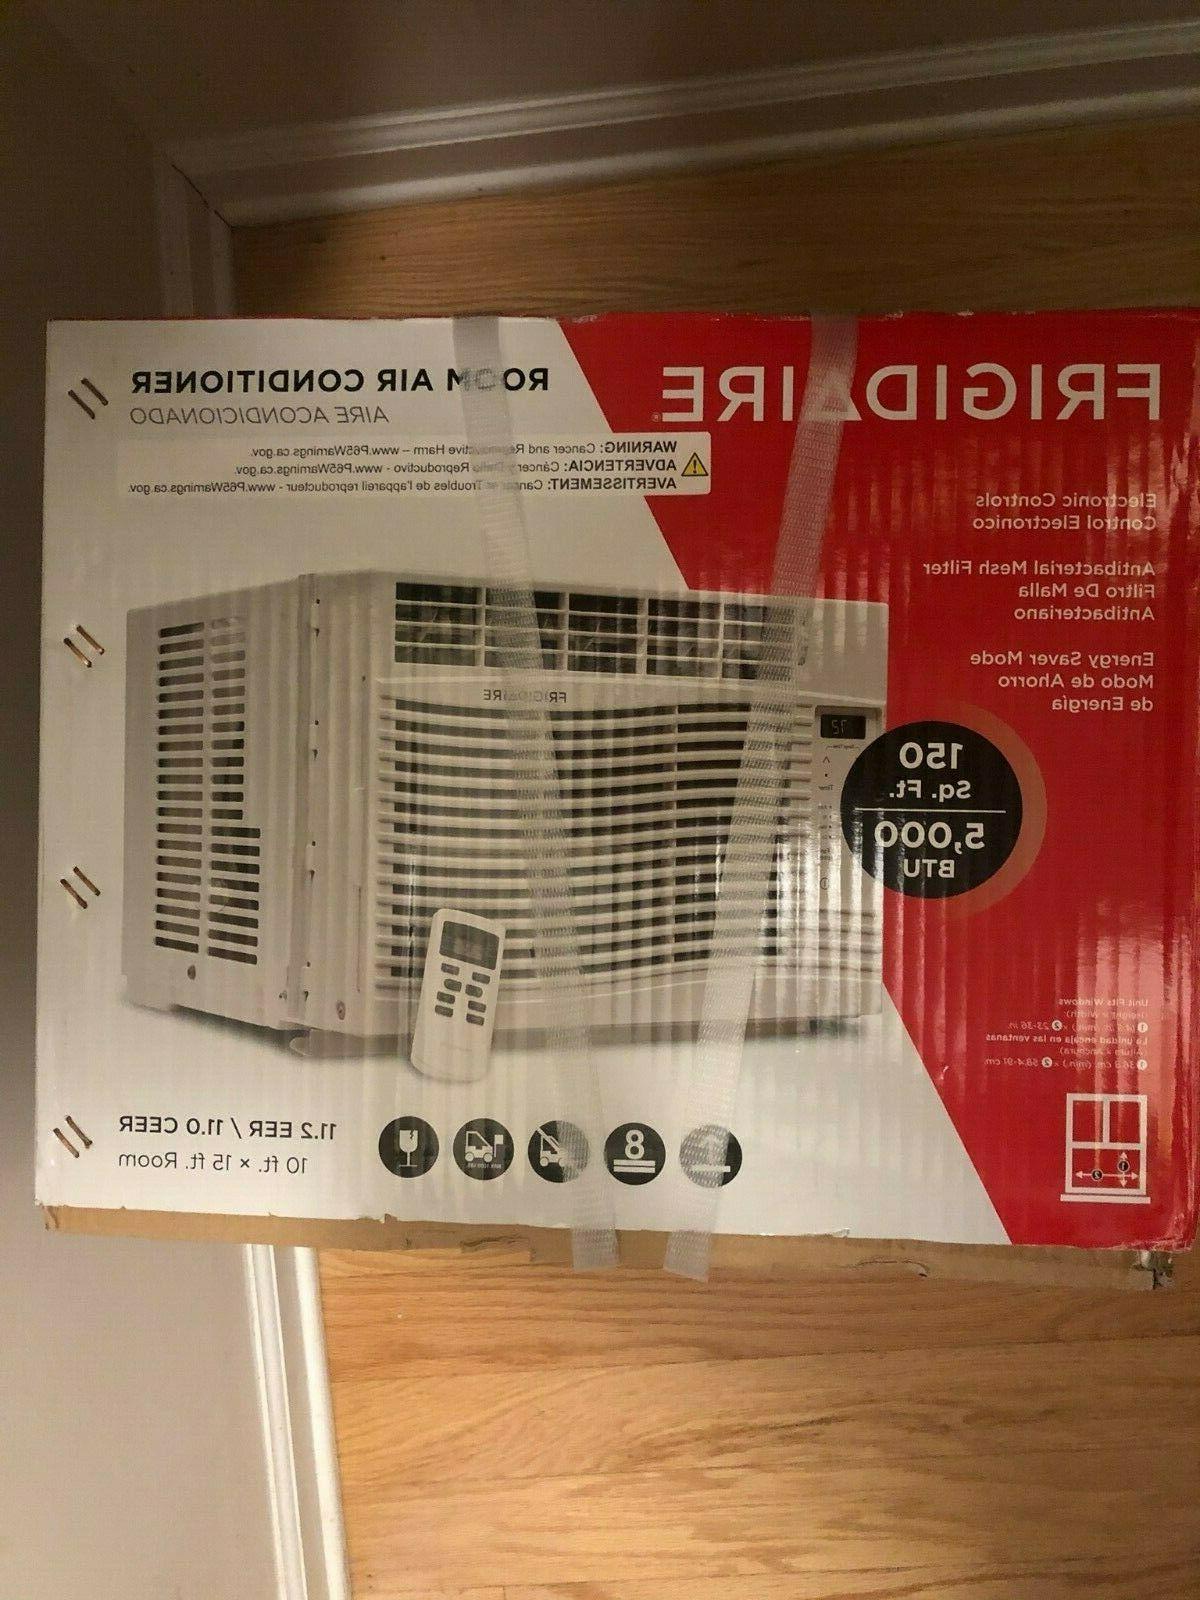 5000 btu room air conditioner new home